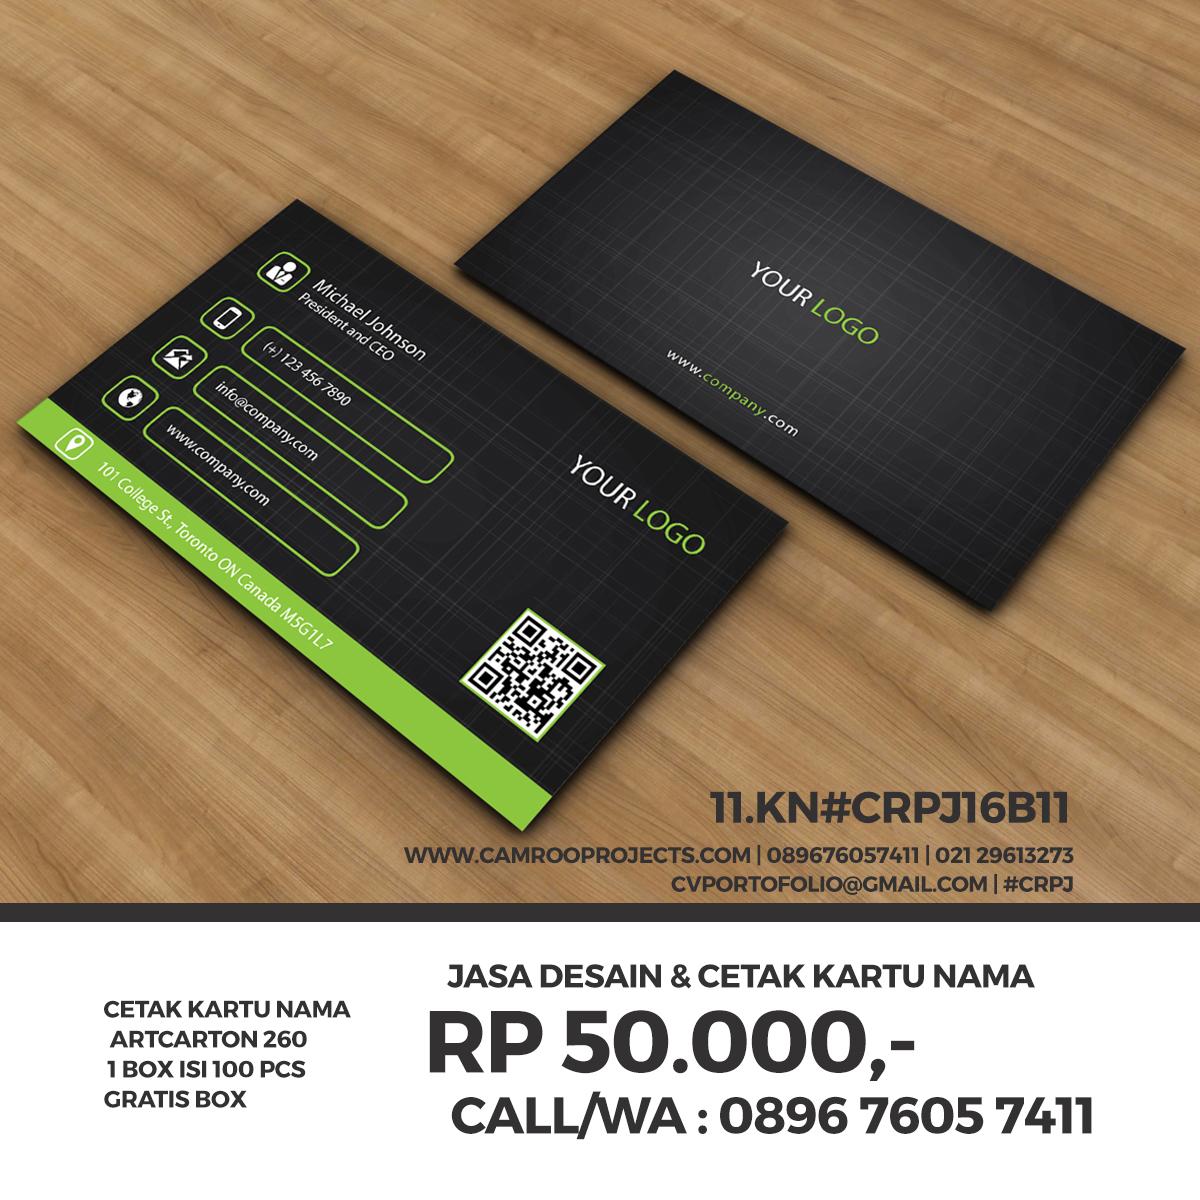 Harga Jasa Pembuatan Grafis professional di Bogor